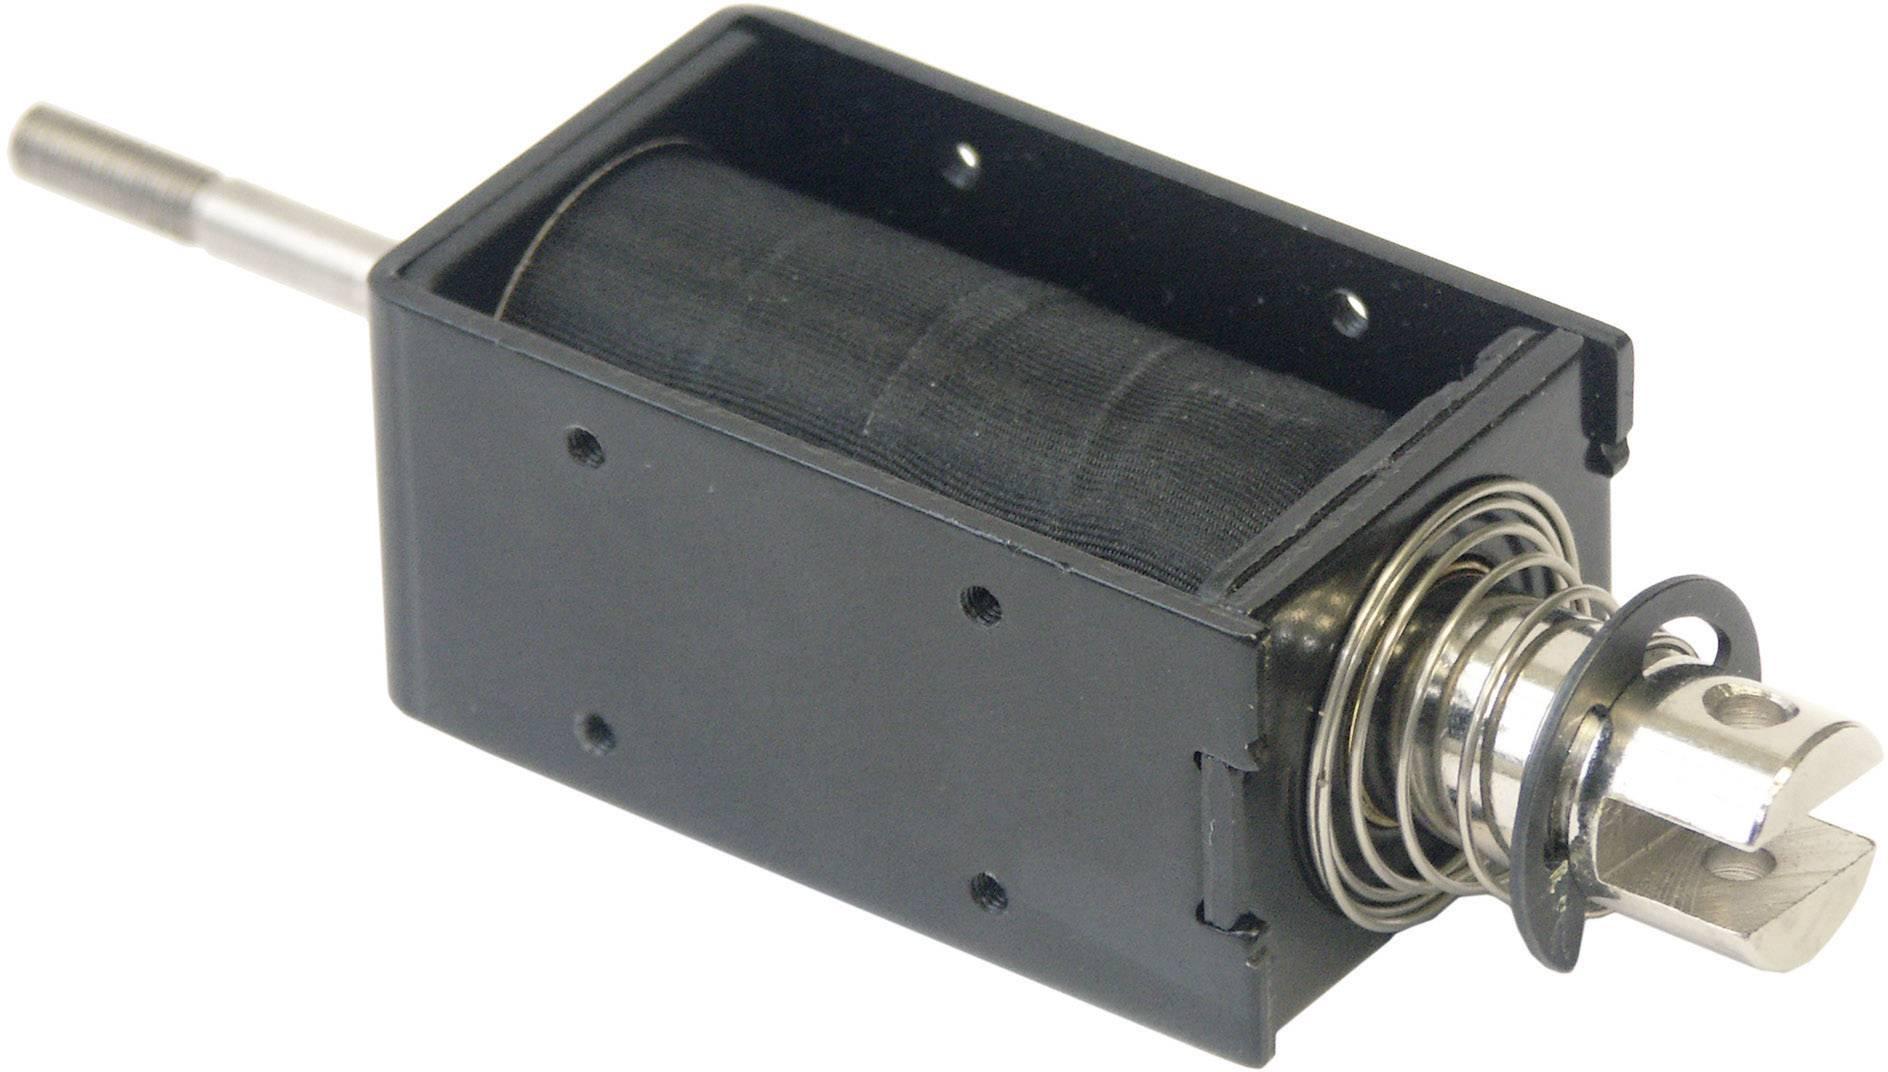 Zdvihací magnet tlačné Intertec ITS-LS3830B-D-24VDC ITS-LS3830B-D-24VDC, 2 N/mm, 56 N/mm, 24 V/DC, 8 W